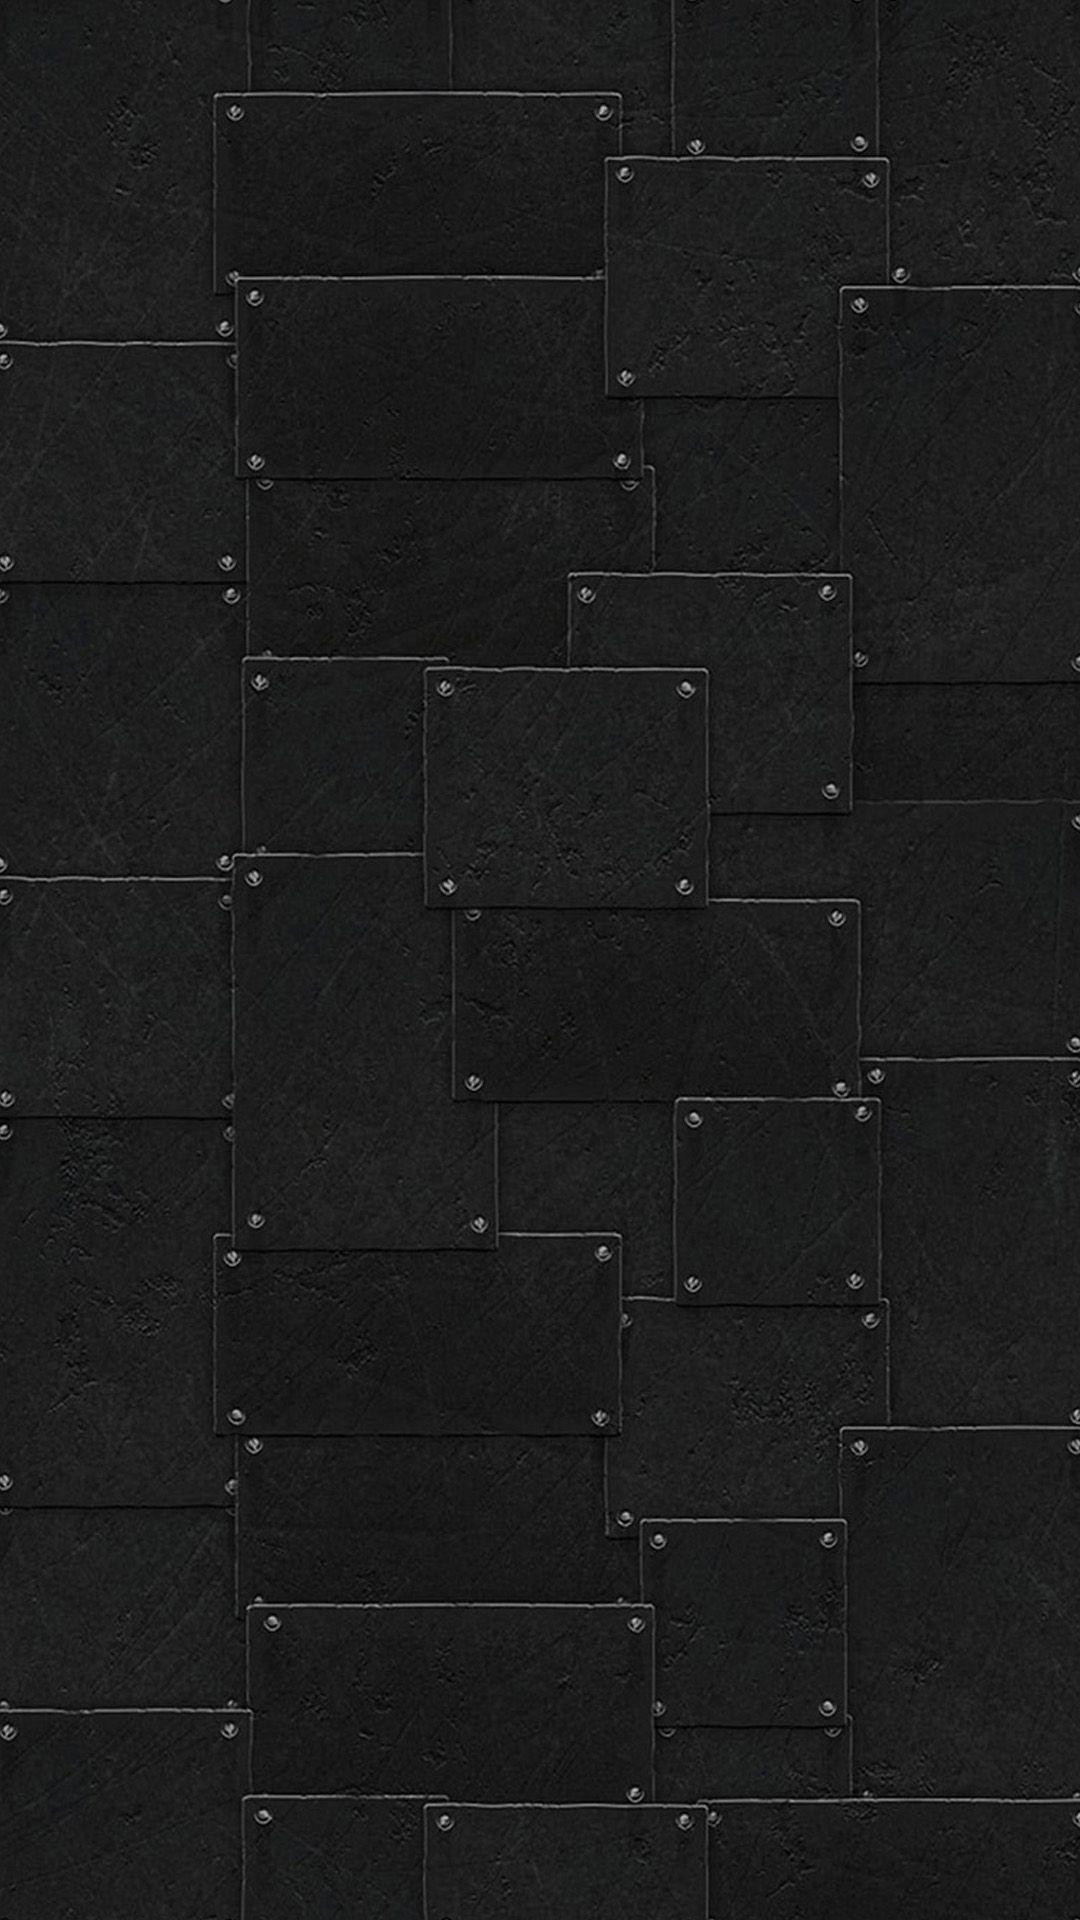 シンプル ブラック 黒の壁紙 黒の壁紙iphone ロック画面用壁紙